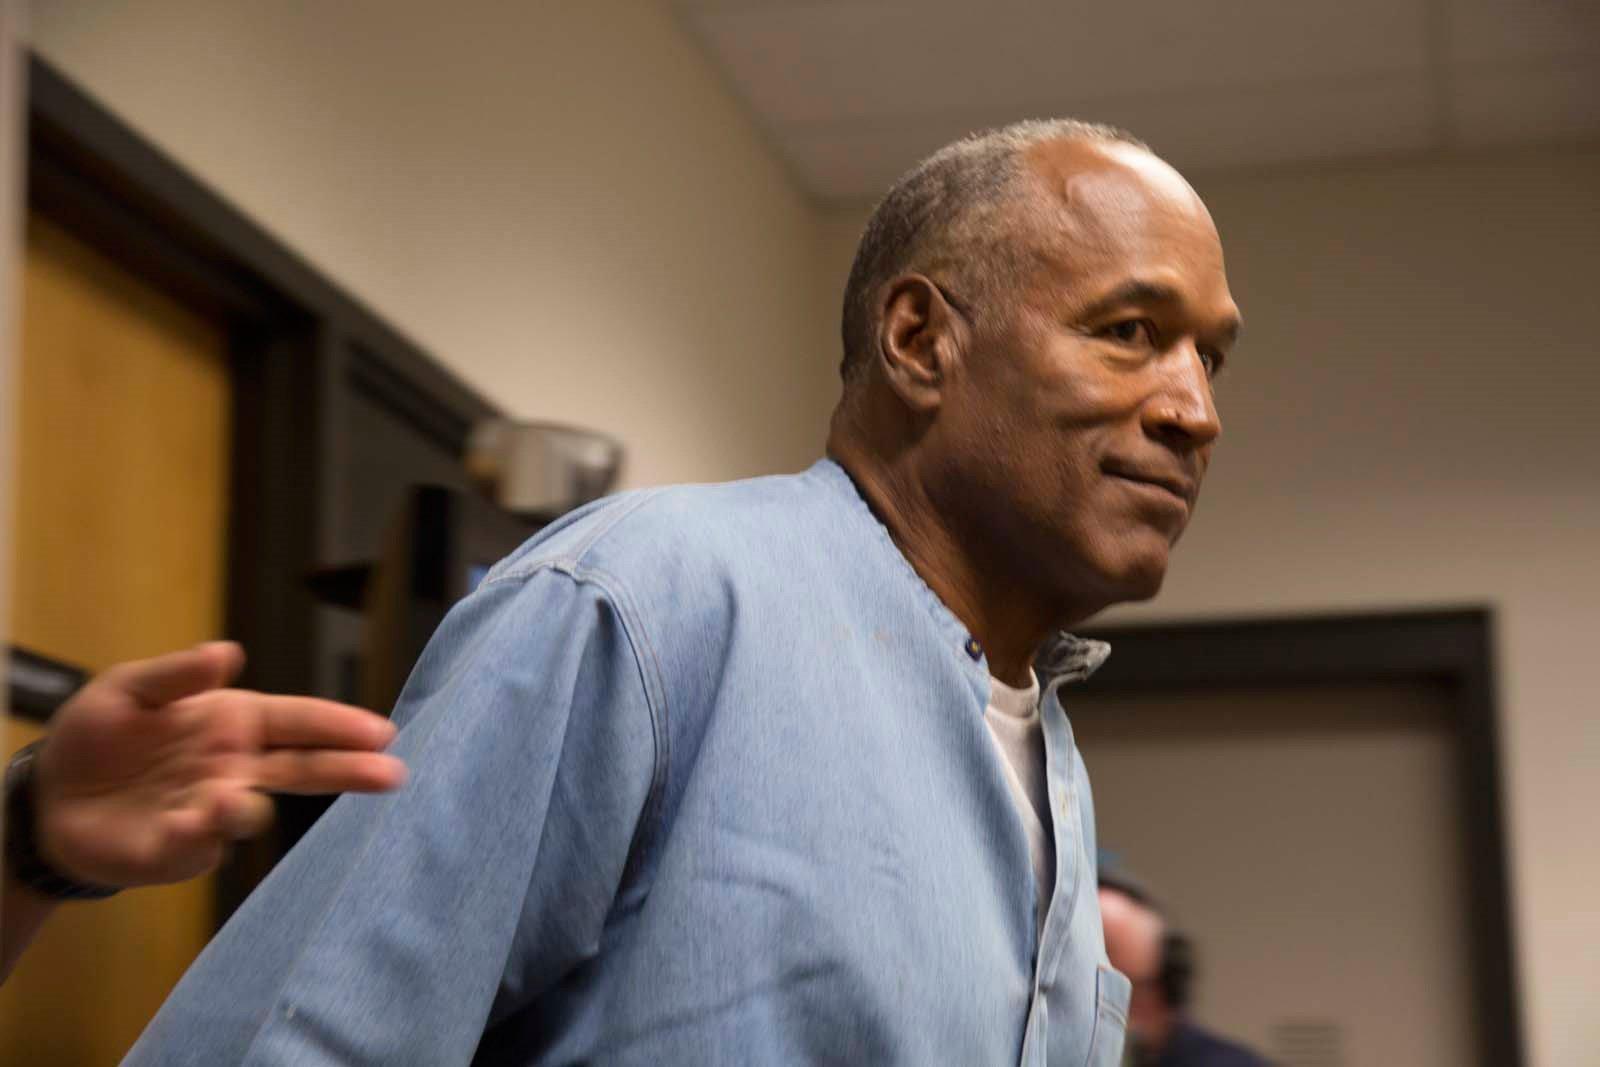 O.J. Simpson during his parole hearing in Nevada. (Sholeh L. Moll-Masumi)